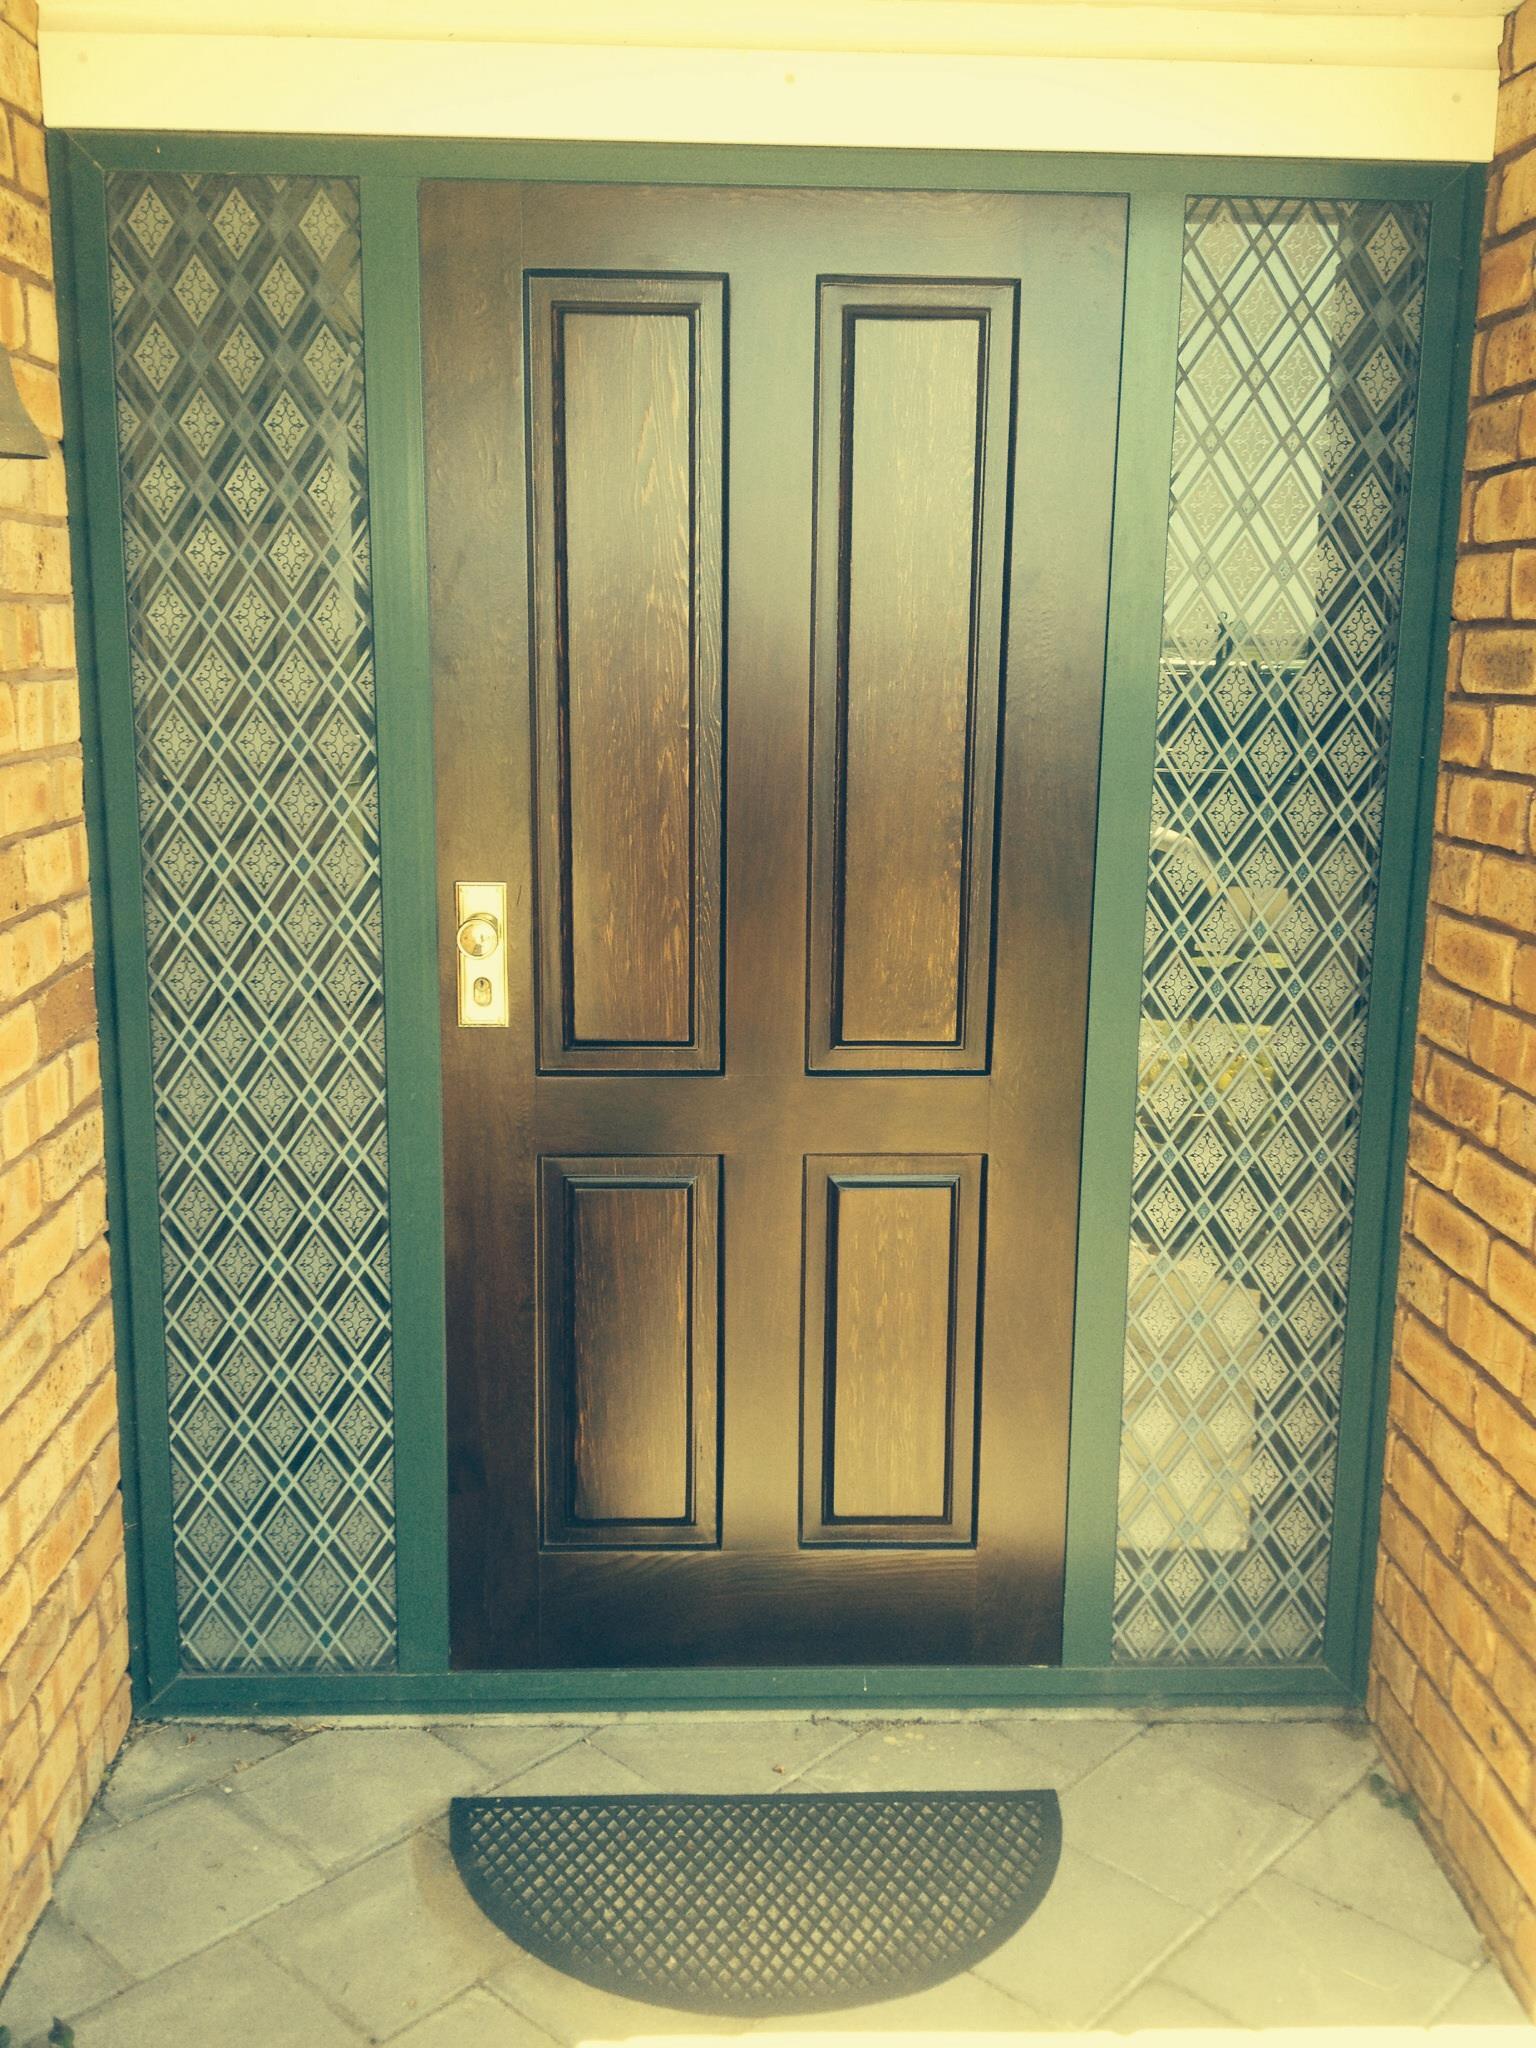 1404946_481853635268153_1203126352_o after door.jpg